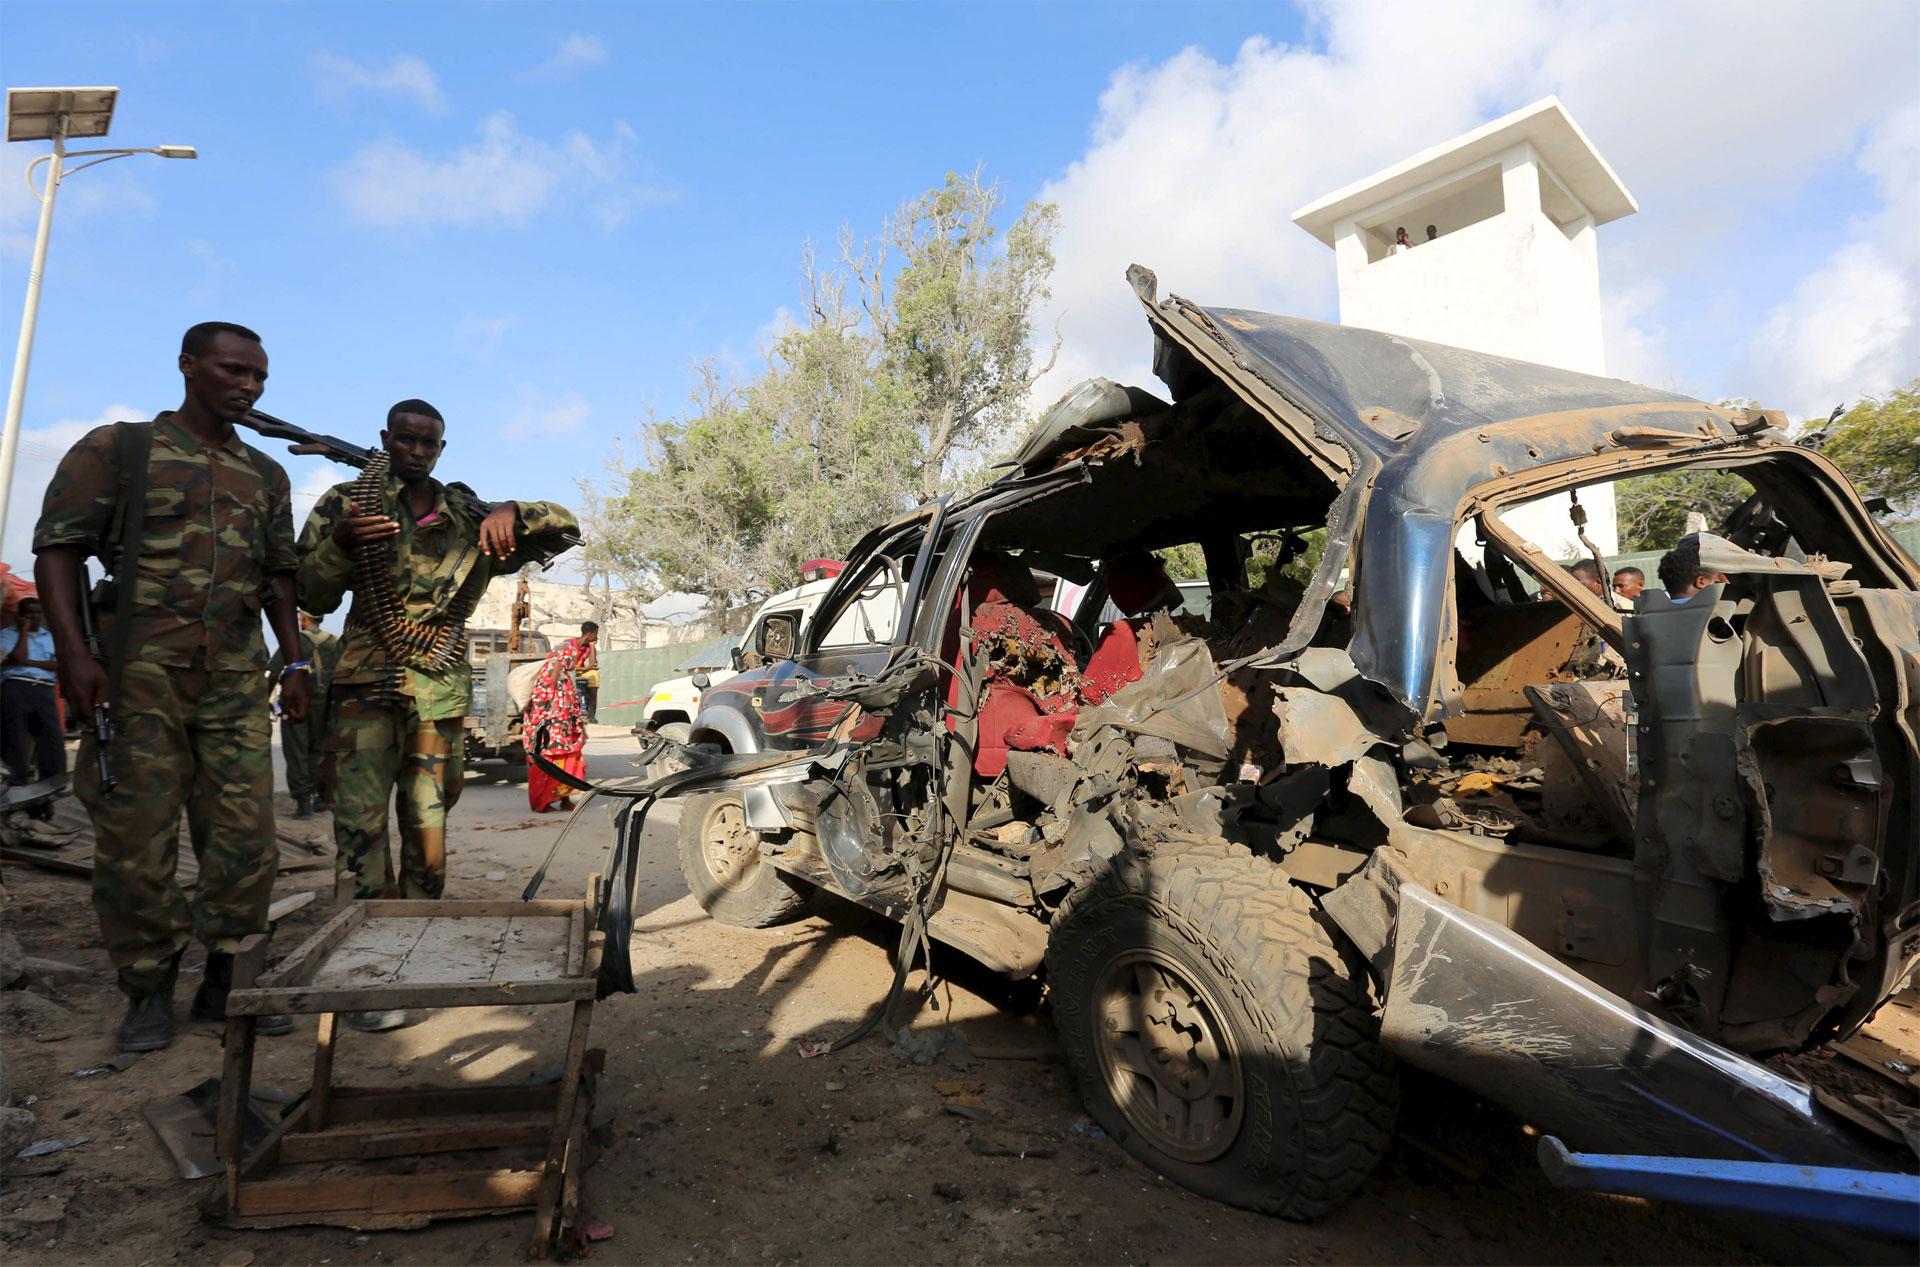 La incursión fue dirigida a través de equipos estadounidenses, pero se trató de una operación somalí